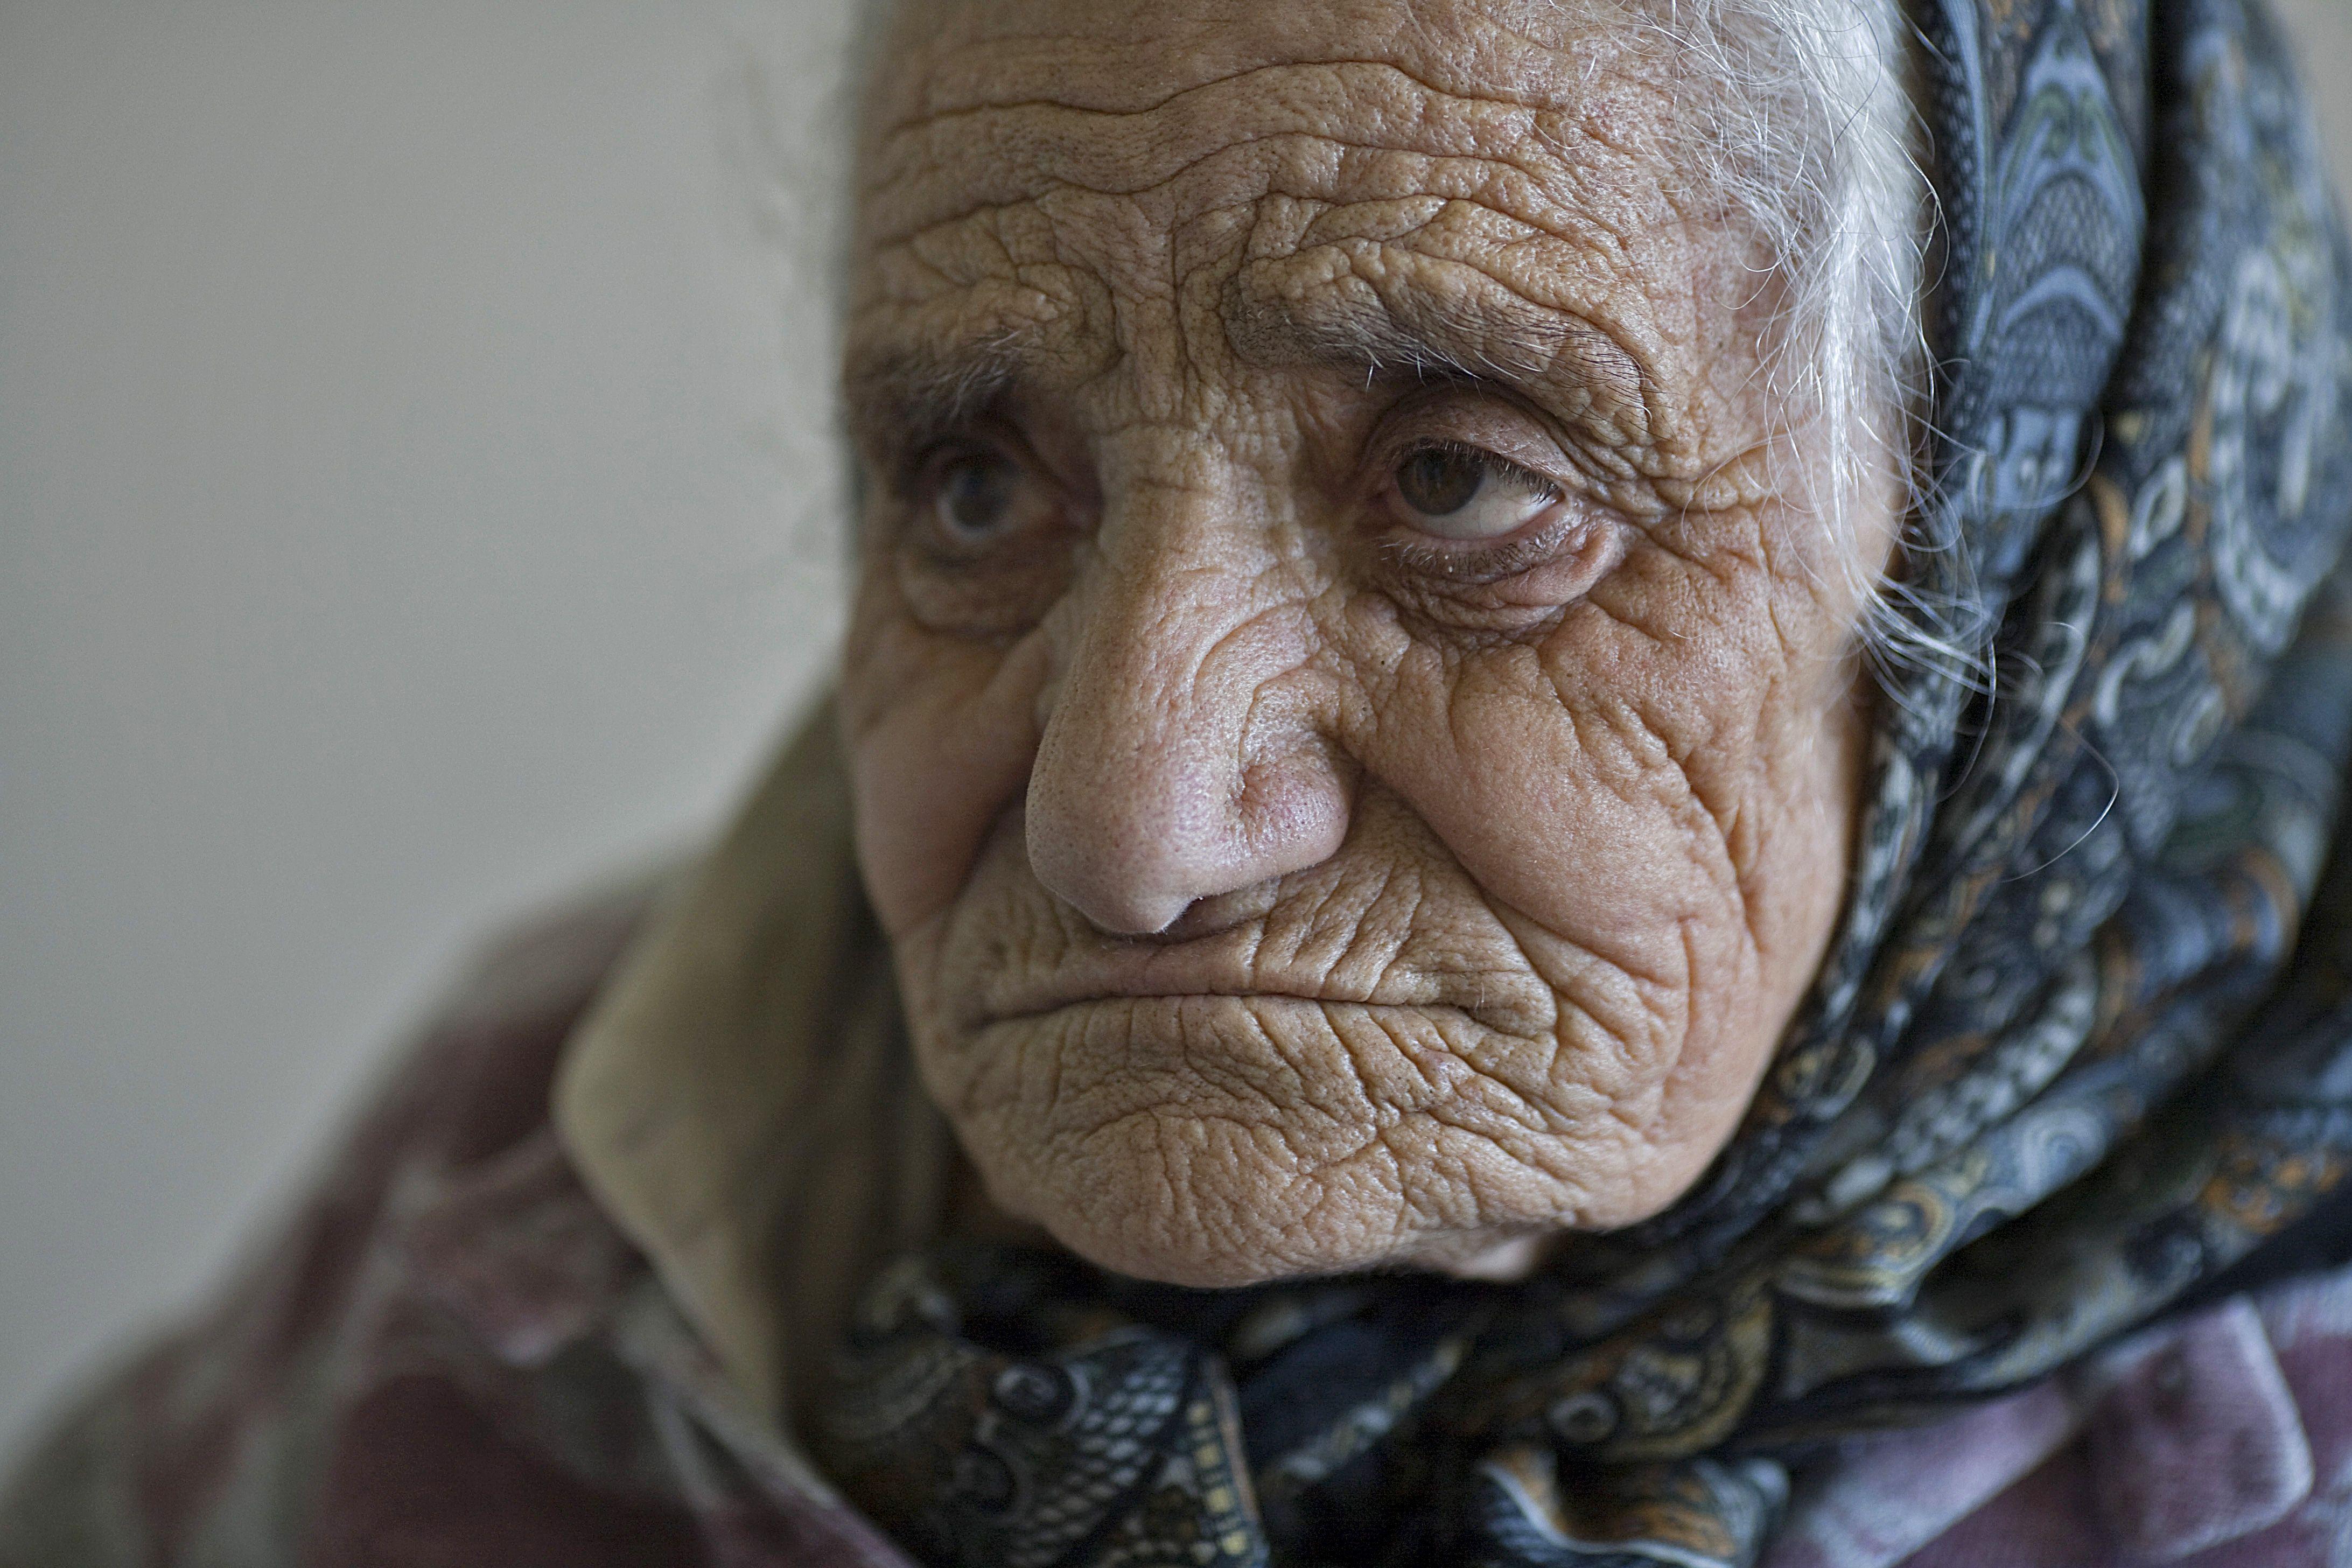 wrinkled old face